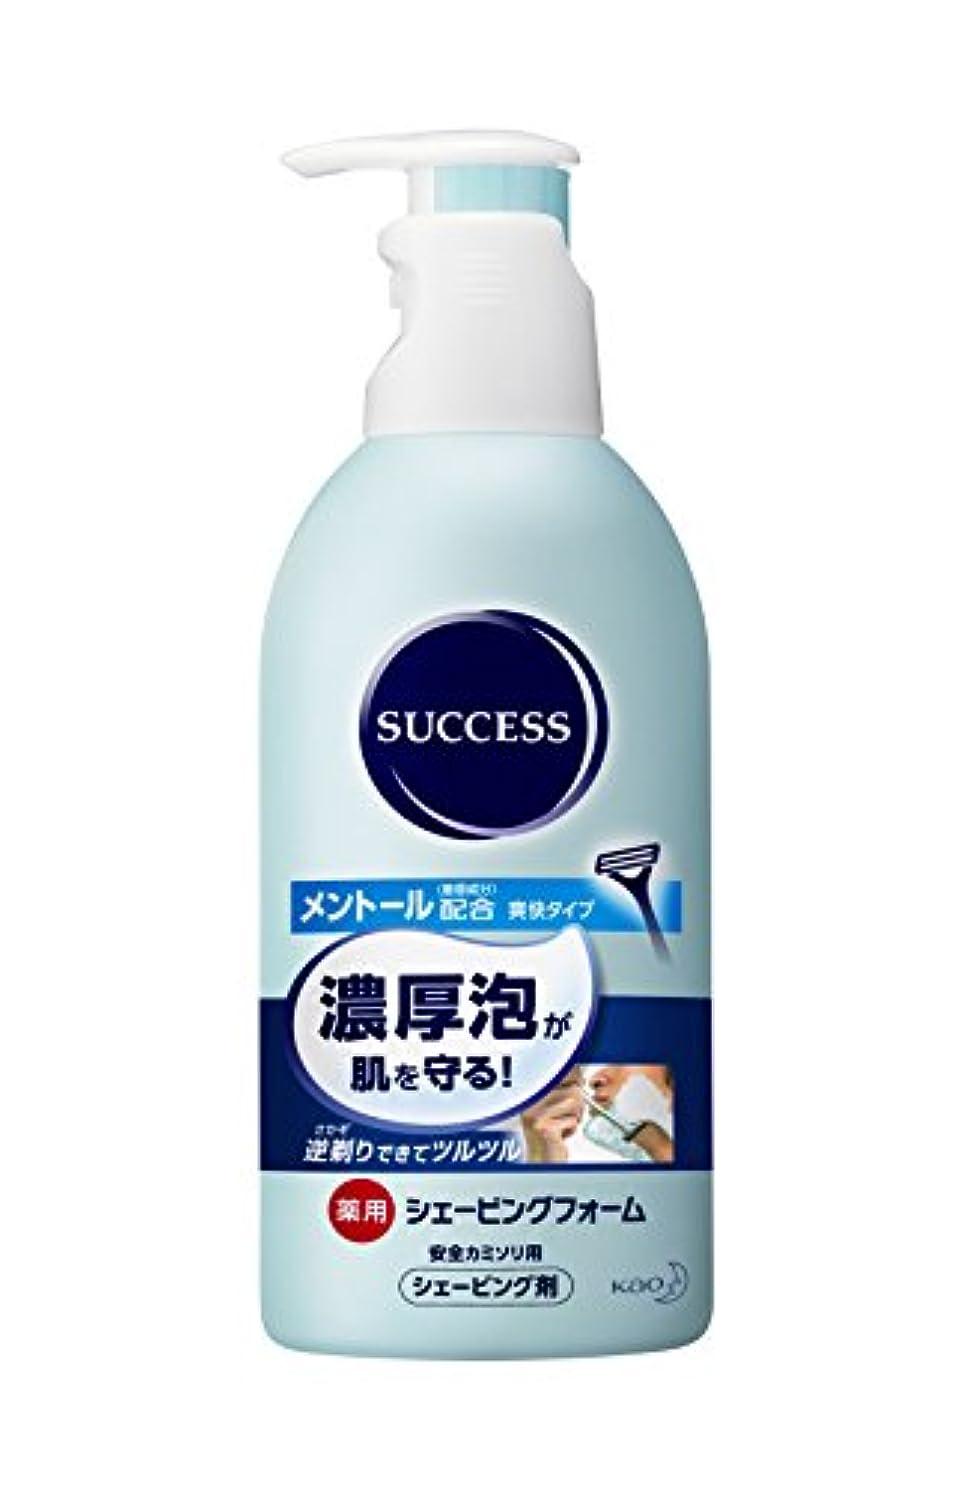 サクセス薬用シェービングフォーム 250g [医薬部外品]